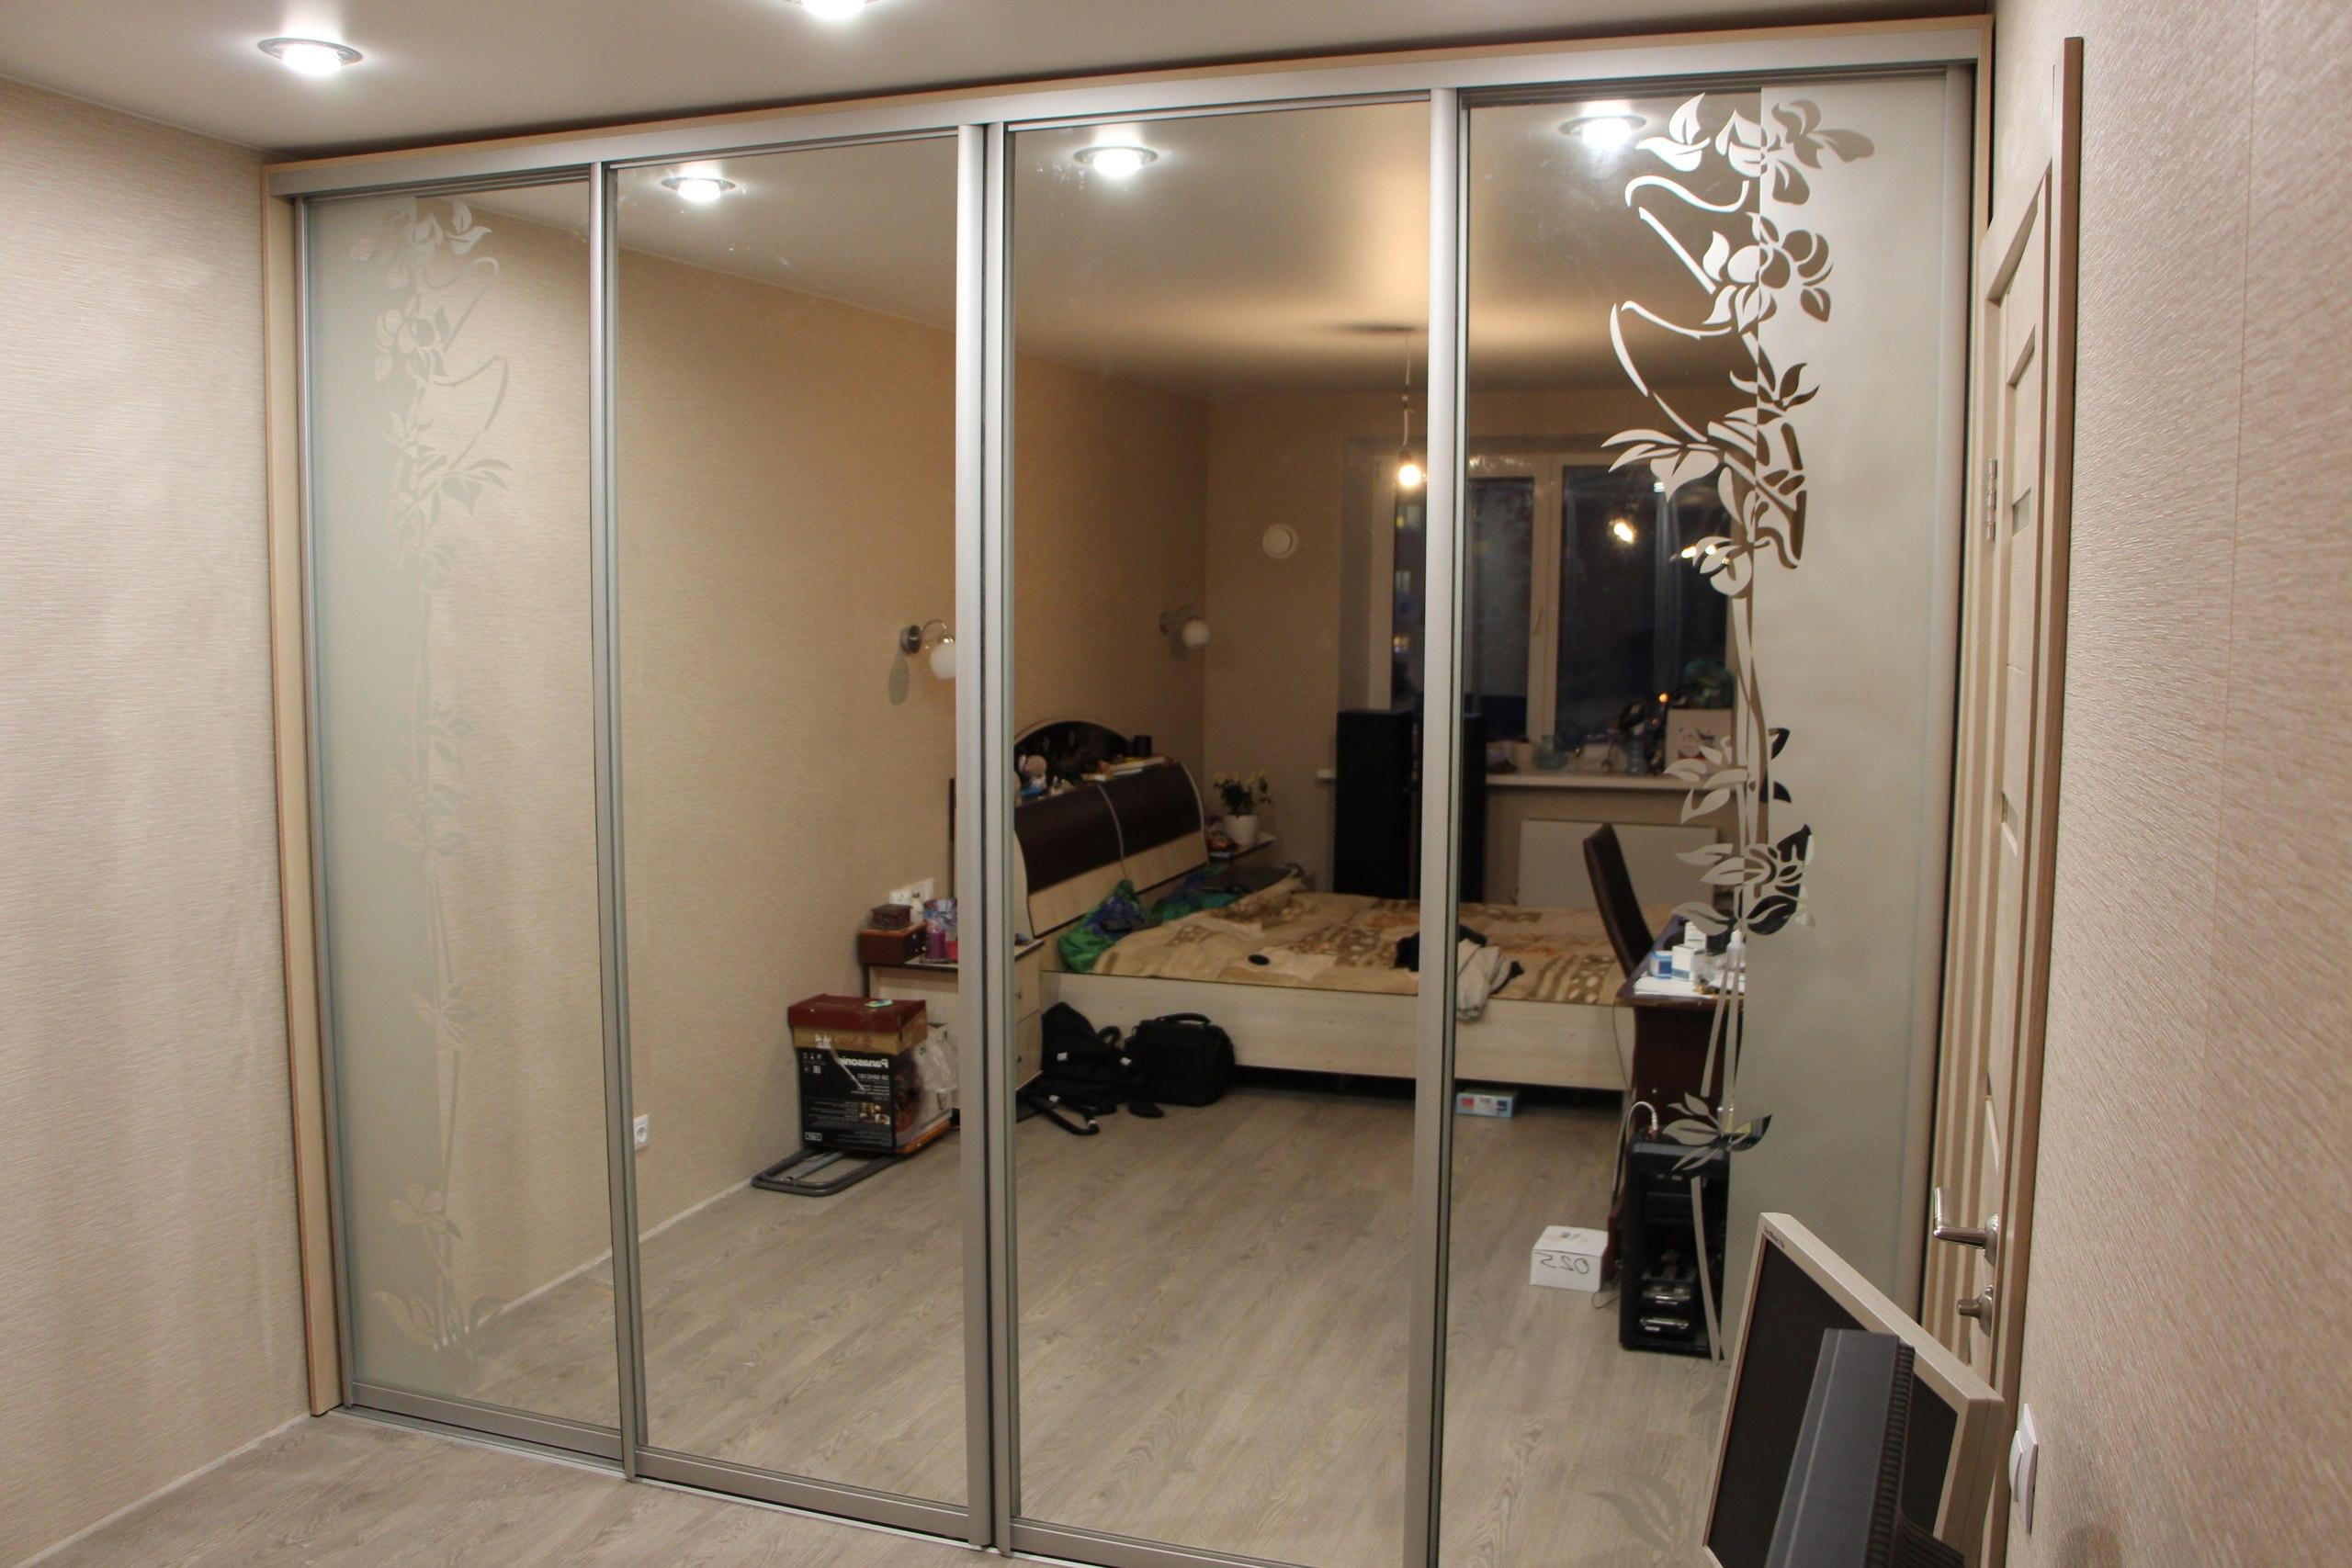 Полностью зеркальные двери зрительно расширяют визуальные границы помещения